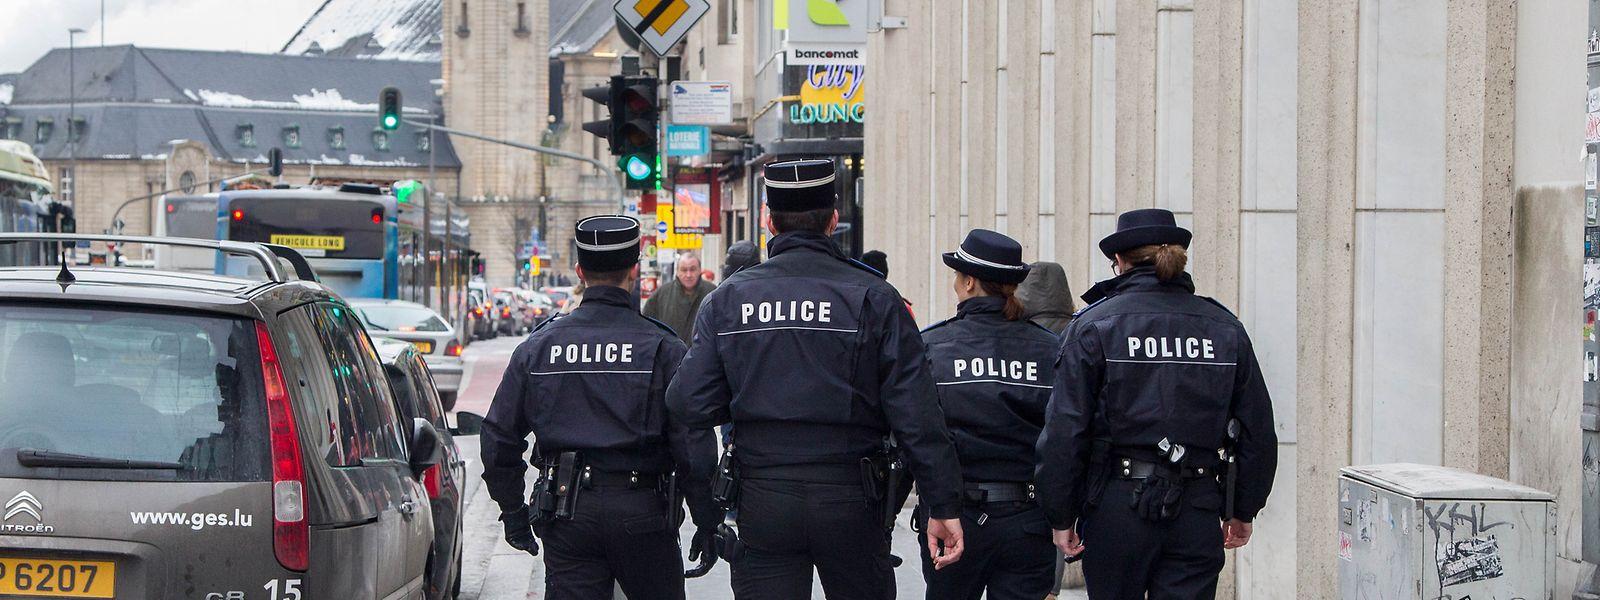 75 nouveaux policiers dernièrement assermentés seront affectés au quartier de la gare pour renforcer la présence des forces de l'ordre.